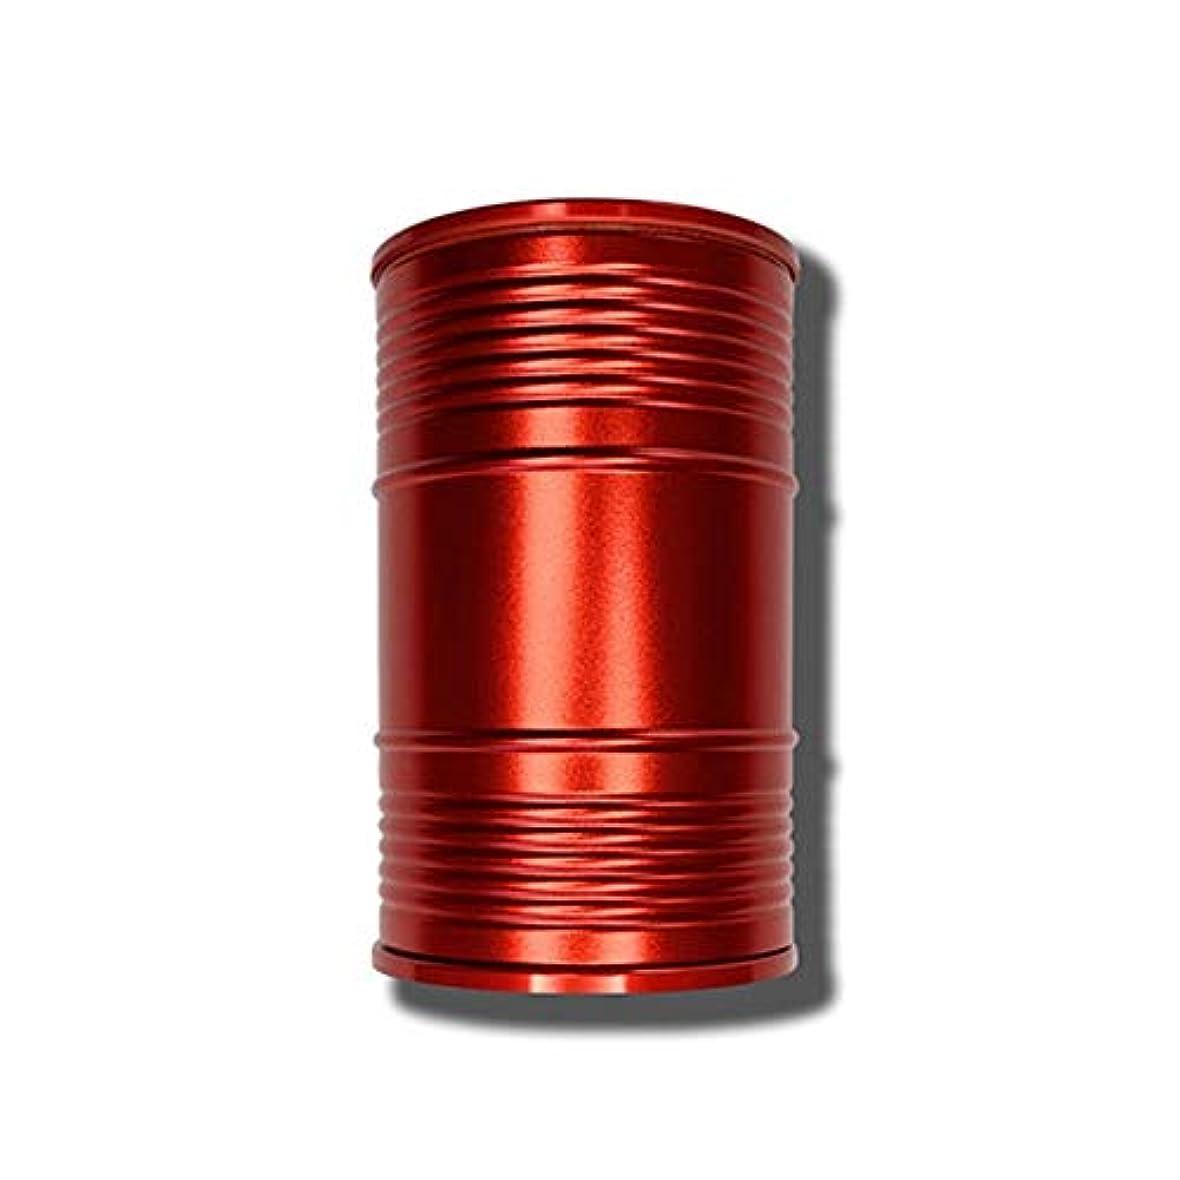 くしゃみ建物推進力創造的なオイルバレル形状ミニ車ポータブル灰皿カバーデザイン個性創造的な金属室内装飾、品質保証 (色 : 赤)